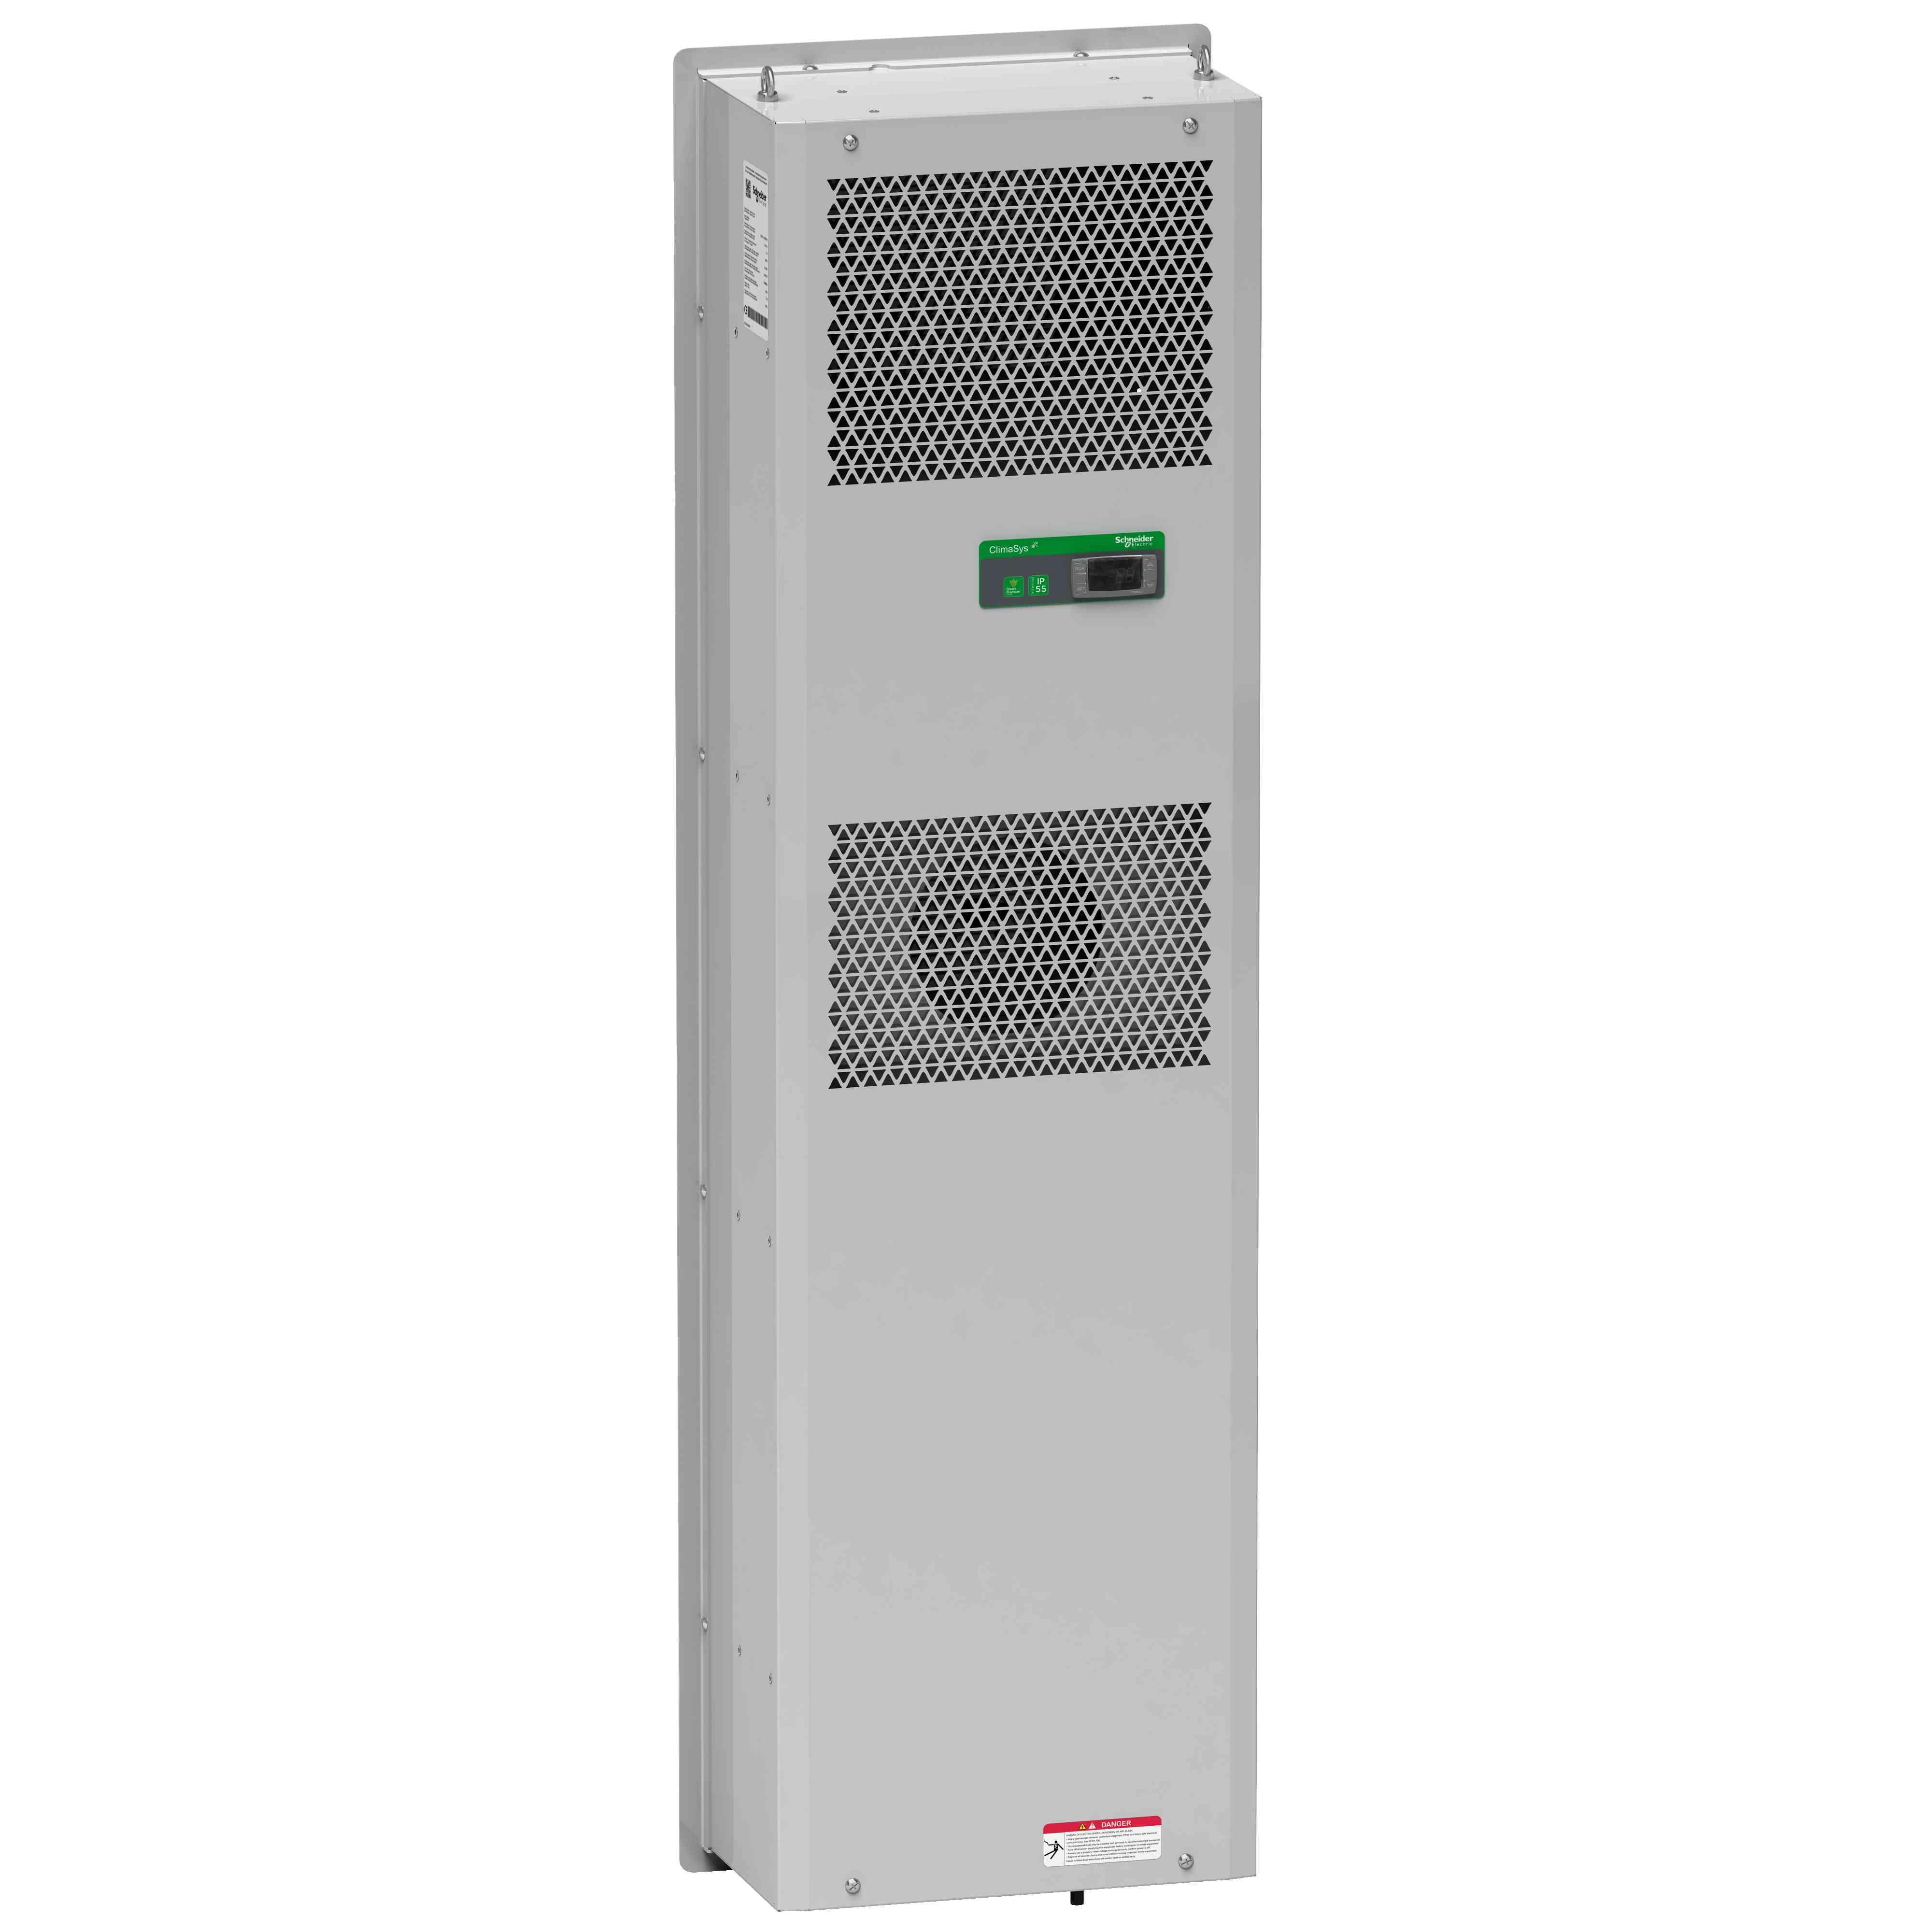 Blok s tanko notranjo hladilno enoto ClimaSys - 2500 W pri 460 V - UL